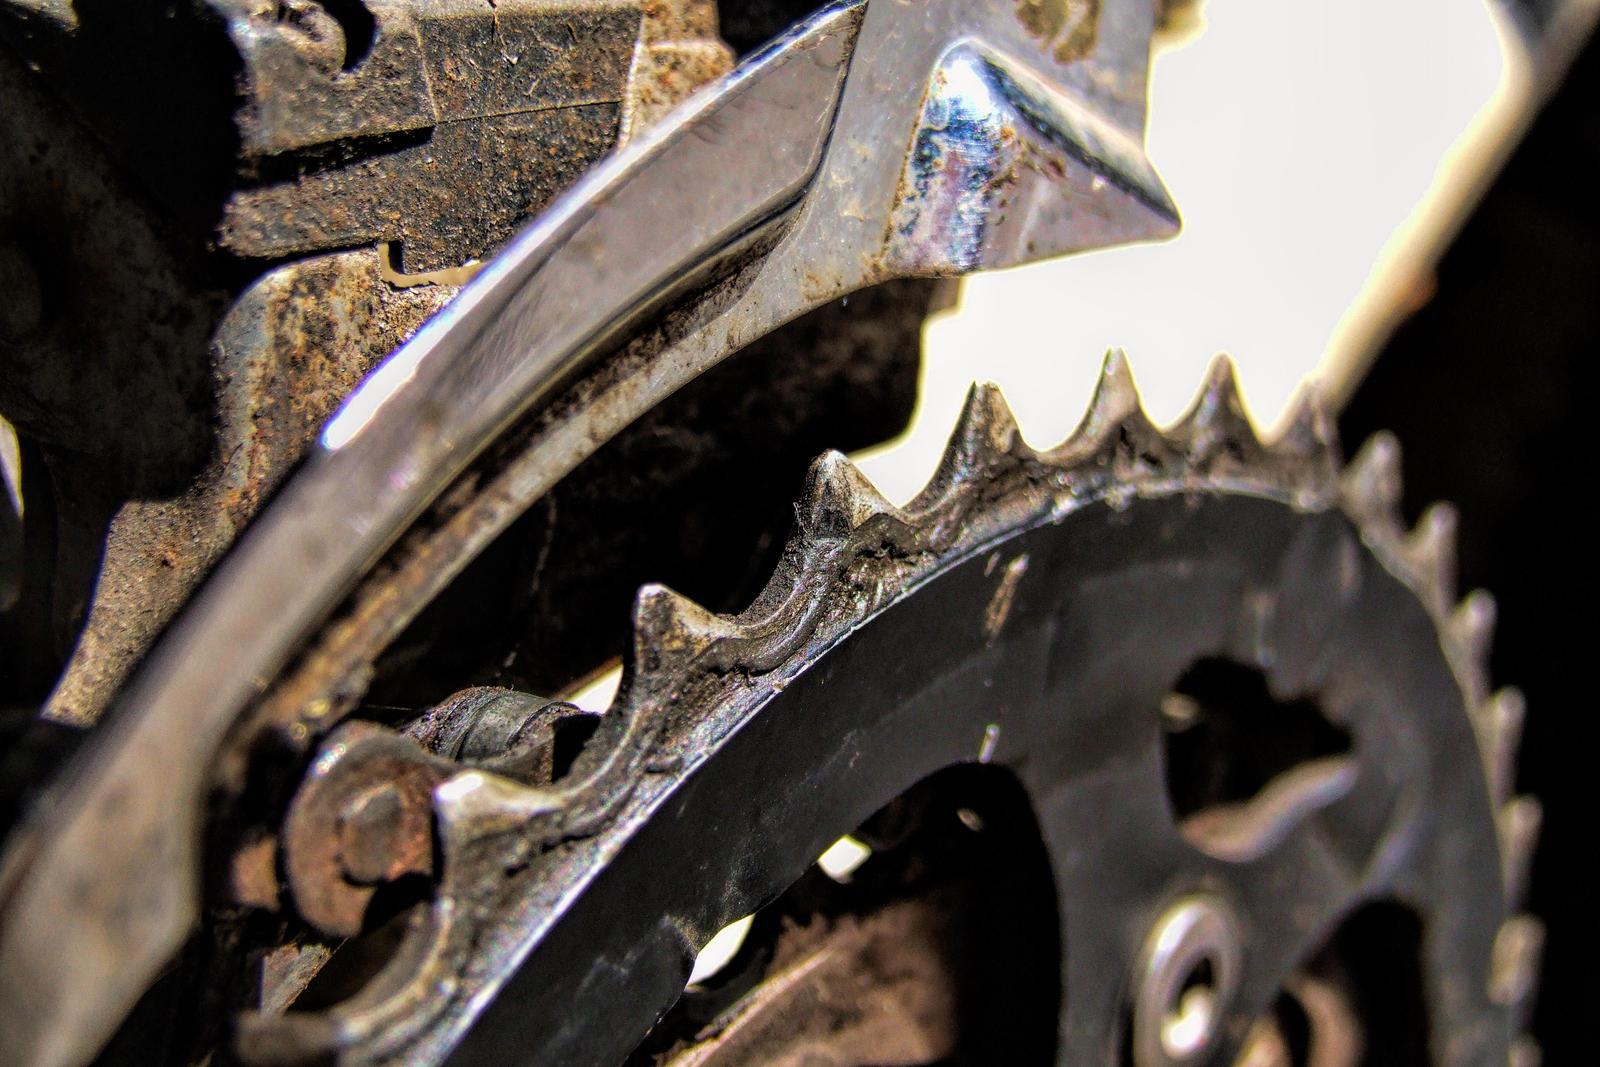 worn_by_fubar_1-d7qhege.jpg